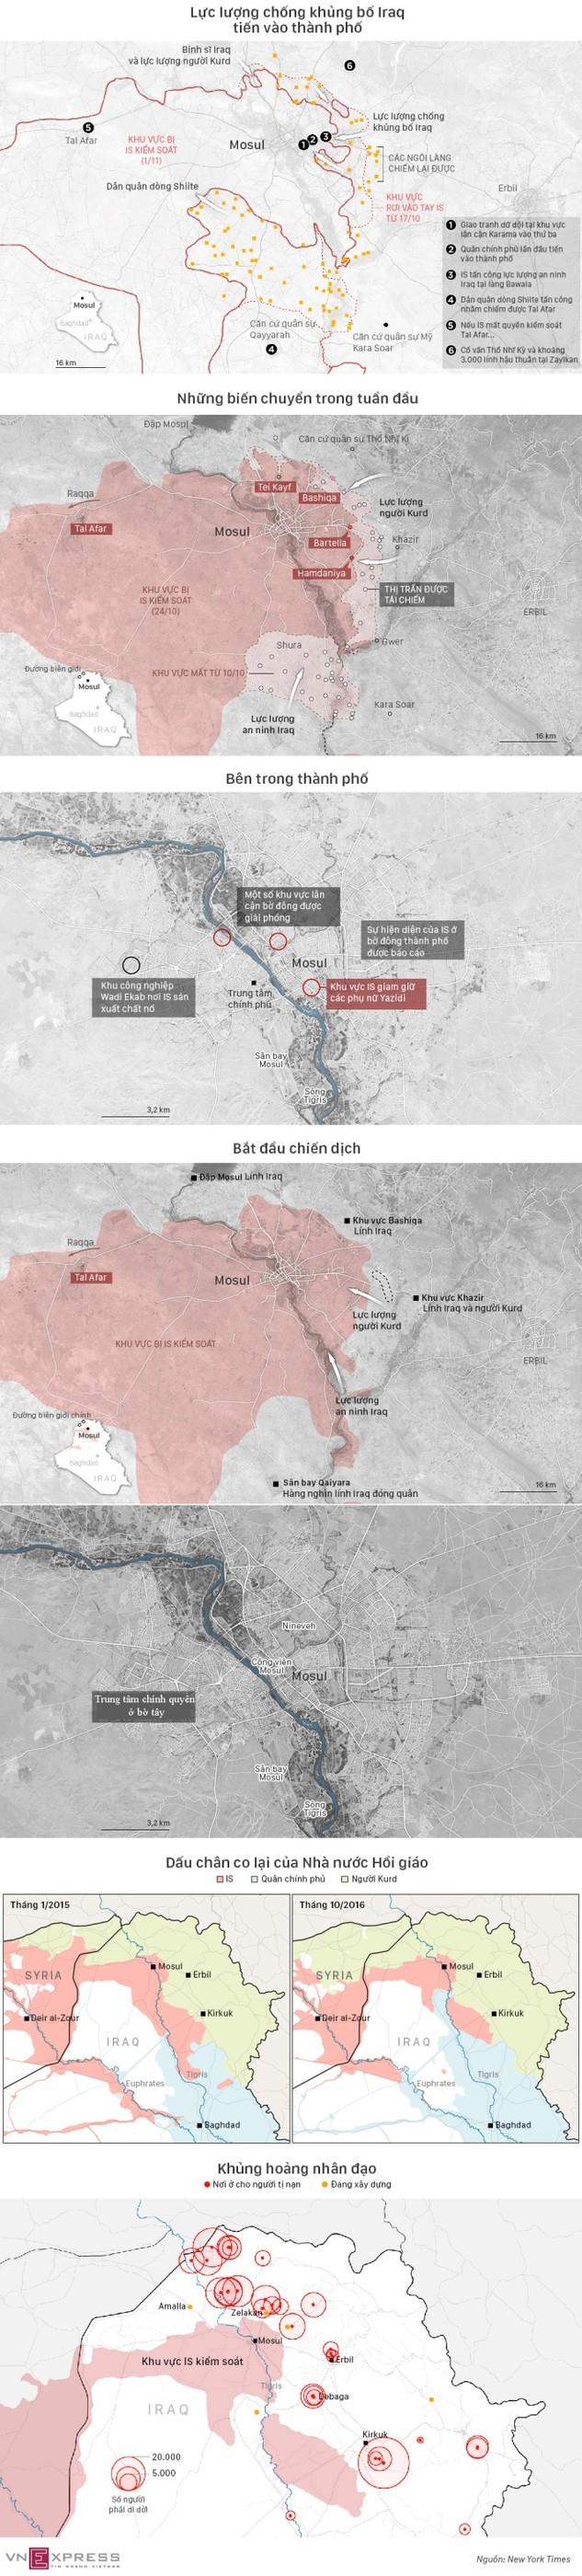 Hai tuần tiến đánh Mosul của lực lượng chống khủng bố Iraq